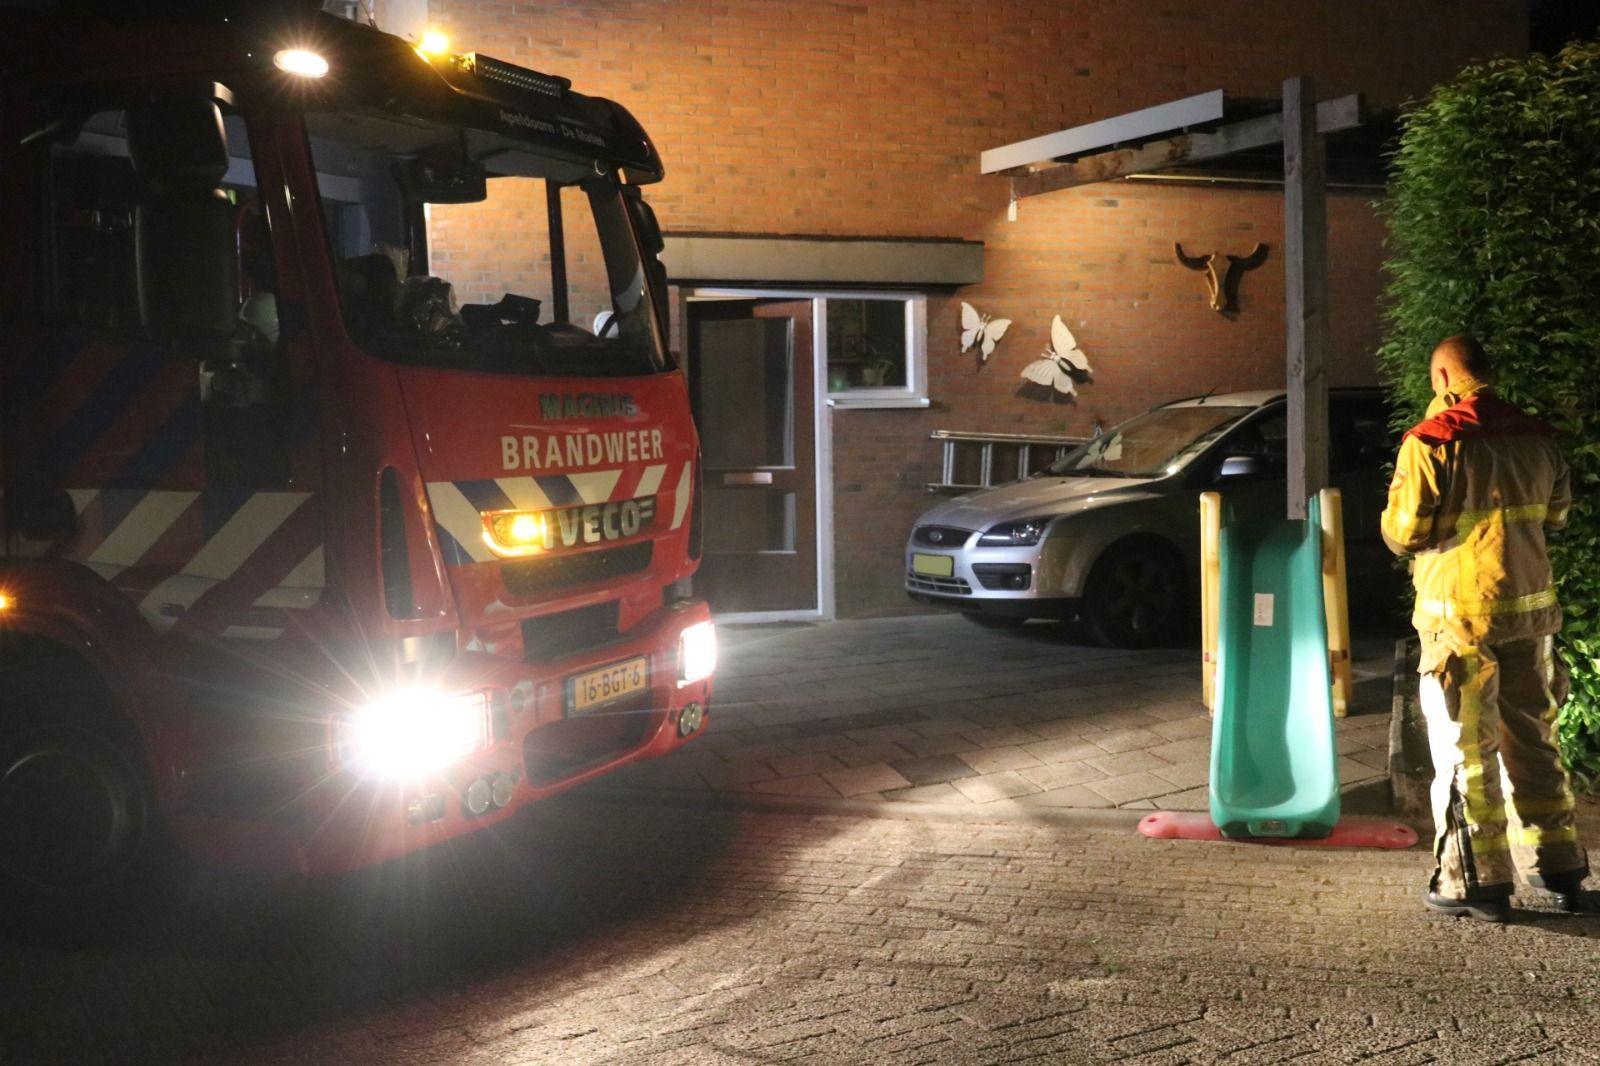 Brandweer gealarmeerd voor een 'meting' aan Magistratenveld